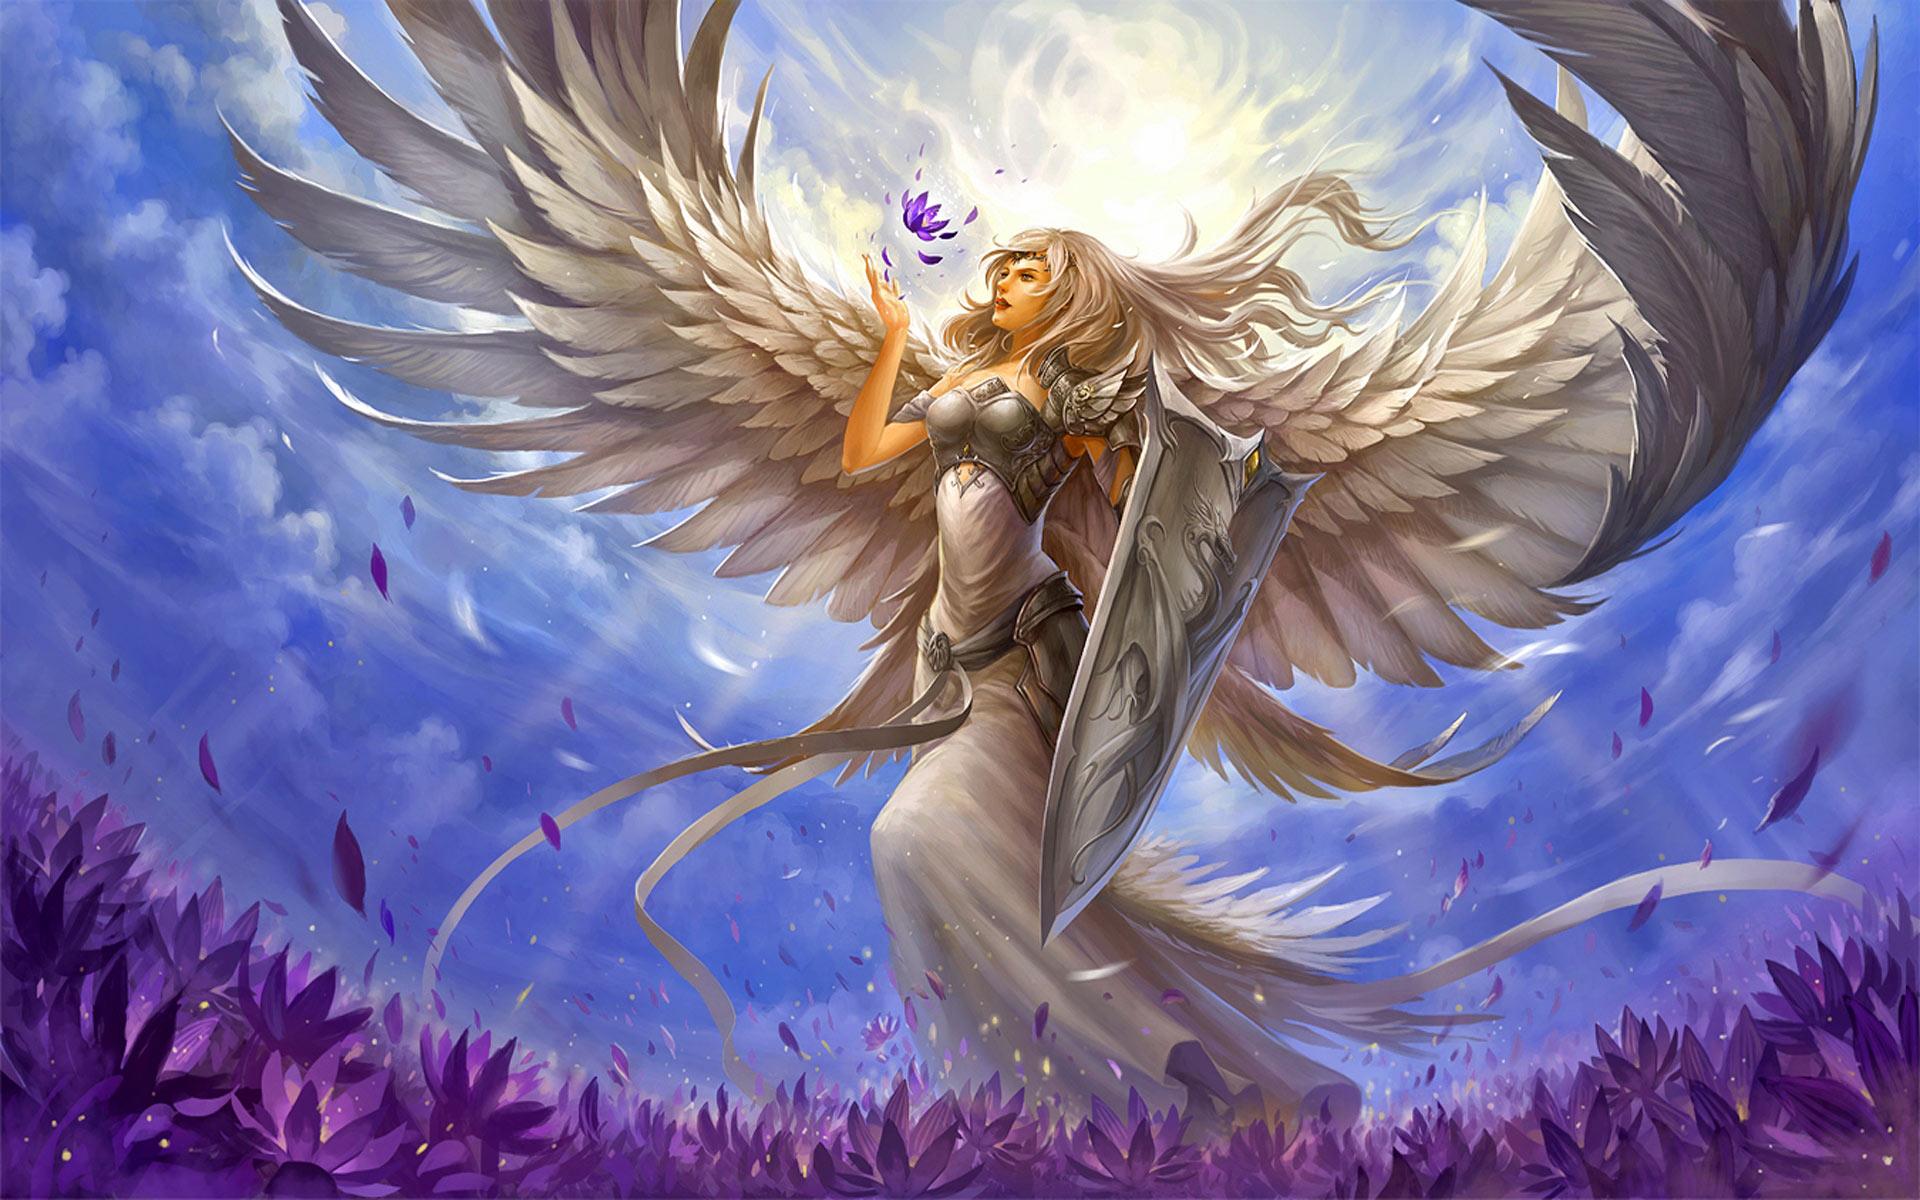 Papel De Parede Anjos Guerreiros Hd